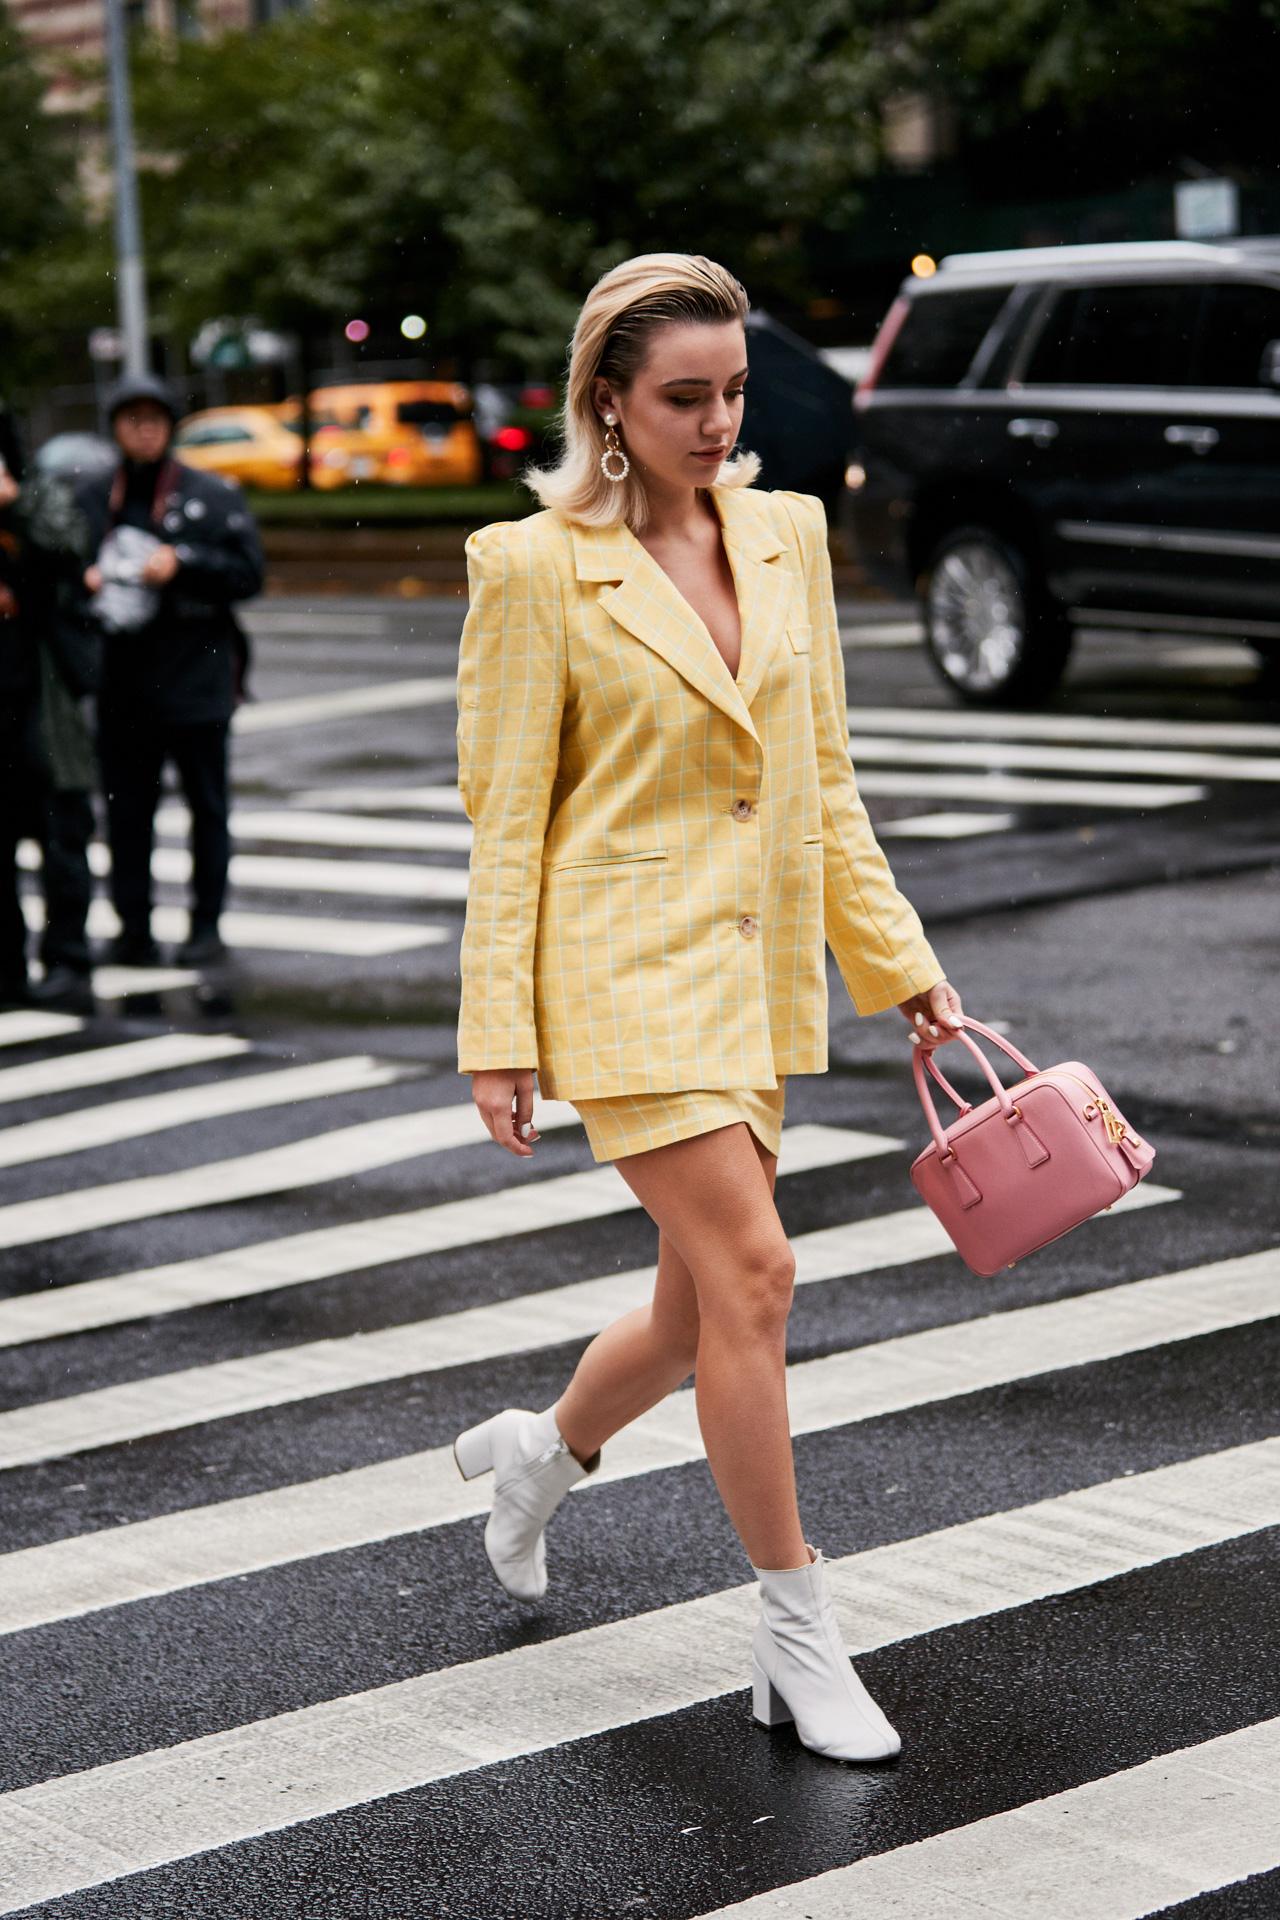 Street style mùa hè ngọt ngào với cách phối màu vàng và hồng